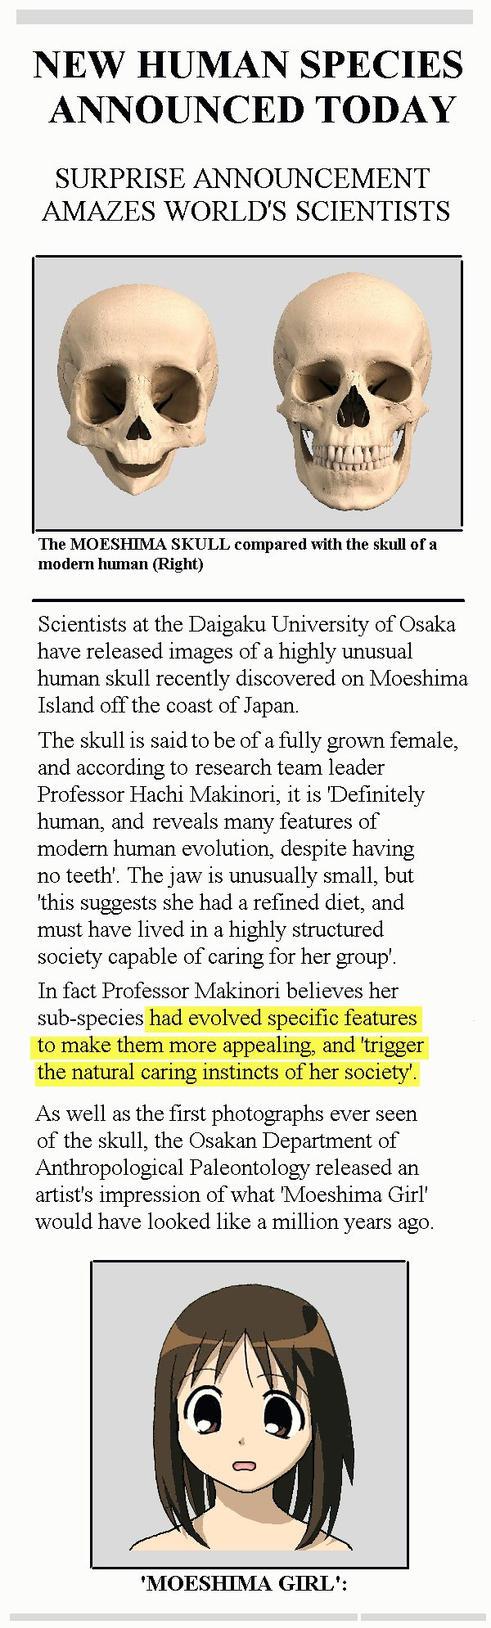 Moeshima Skull Discovered! by Lookafar